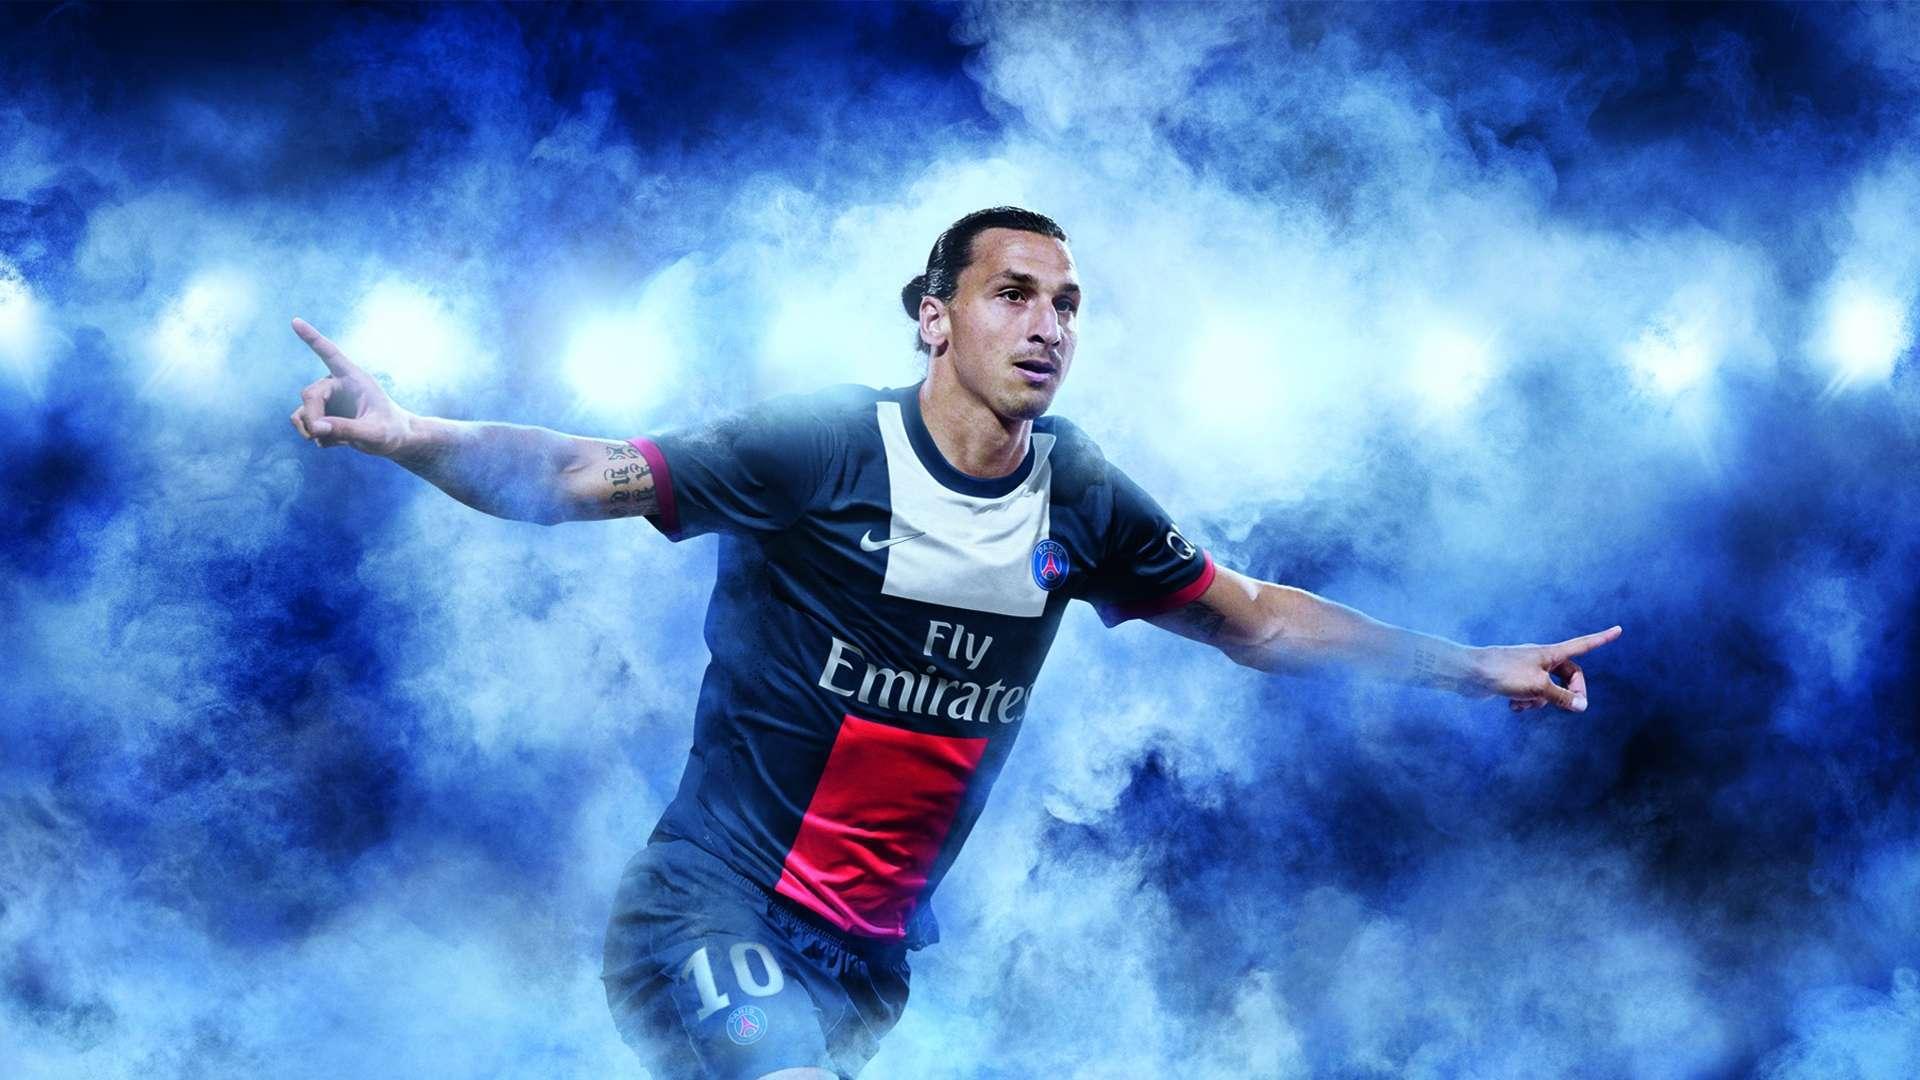 Super-stipendio per Ibrahimovic, 1 milione netto al mese